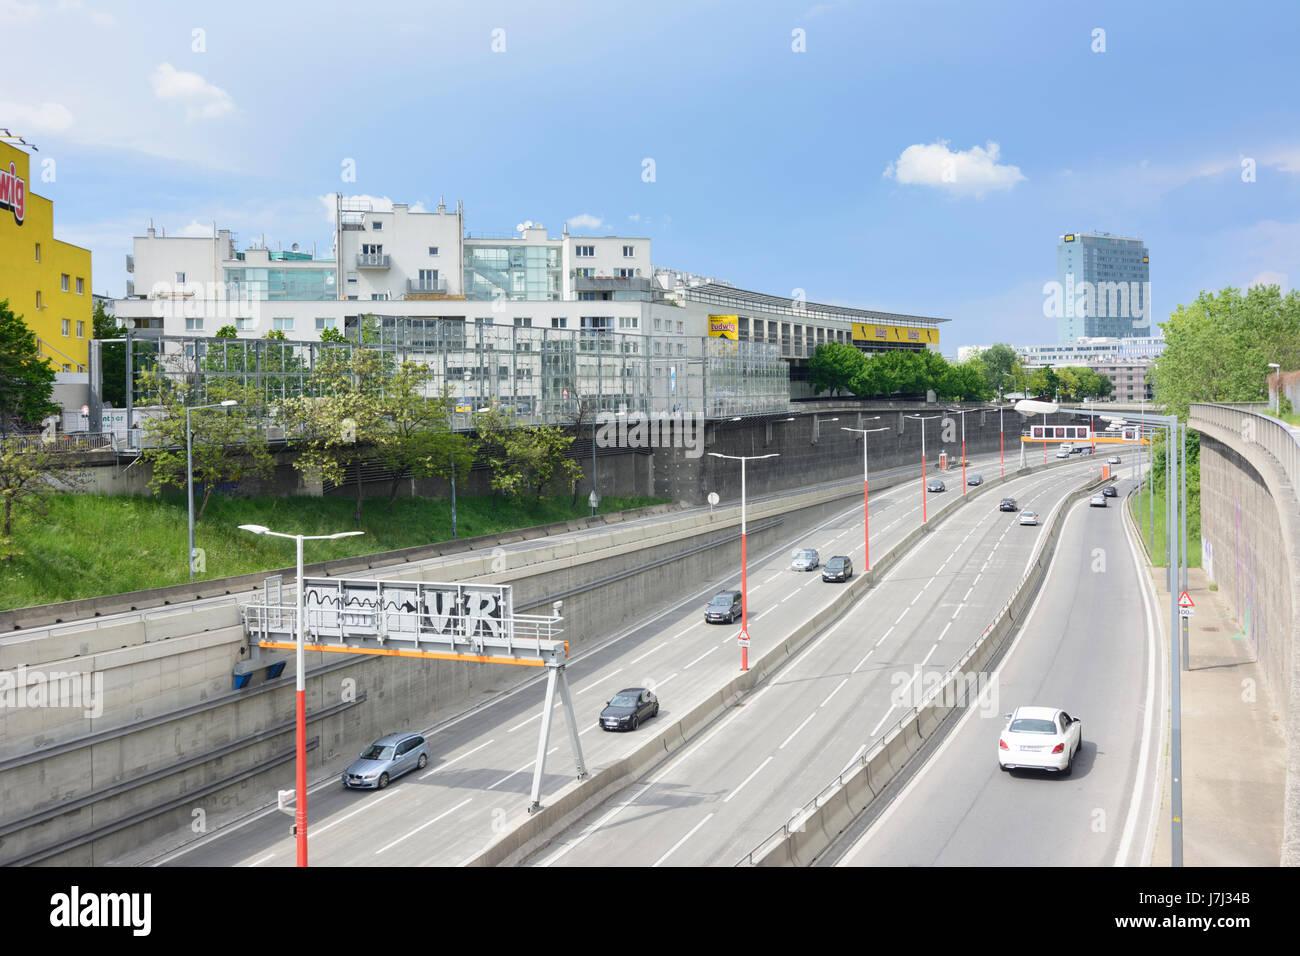 freeway Südosttangente A23 at Monte Laa, Wien, Vienna, 10. Favoriten, Wien, Austria - Stock Image